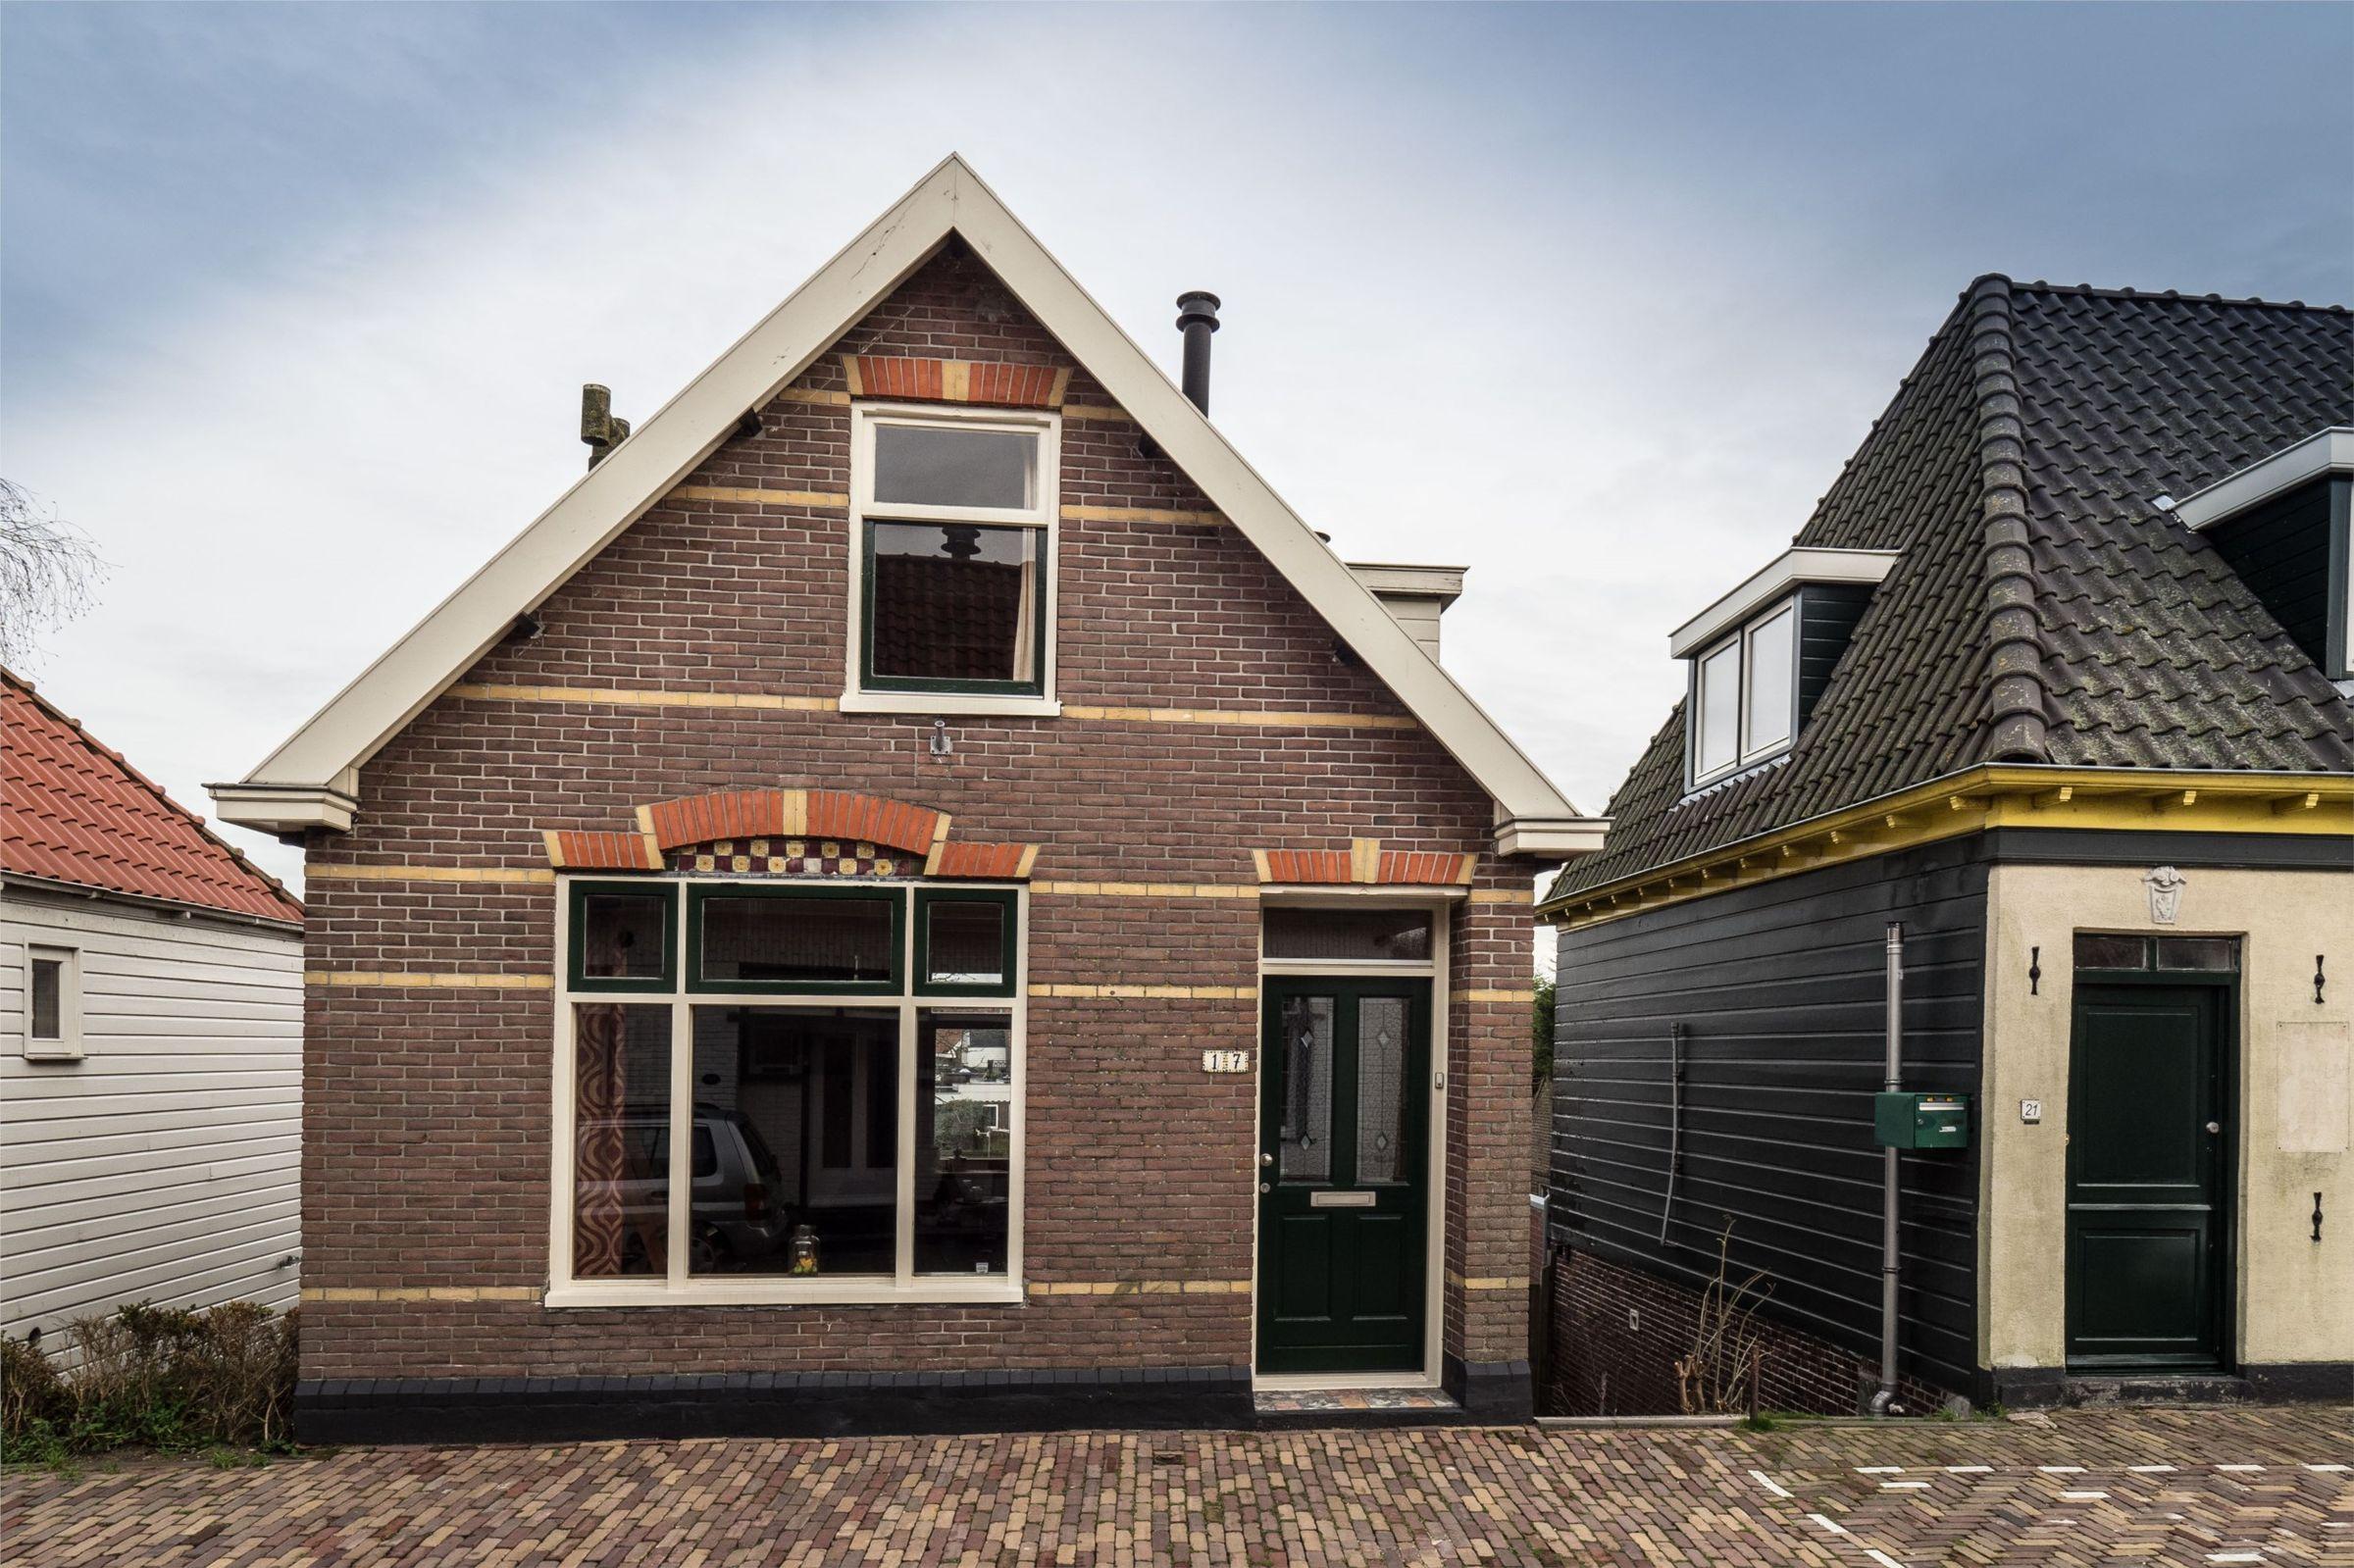 Landsmeerderdijk 17, Amsterdam